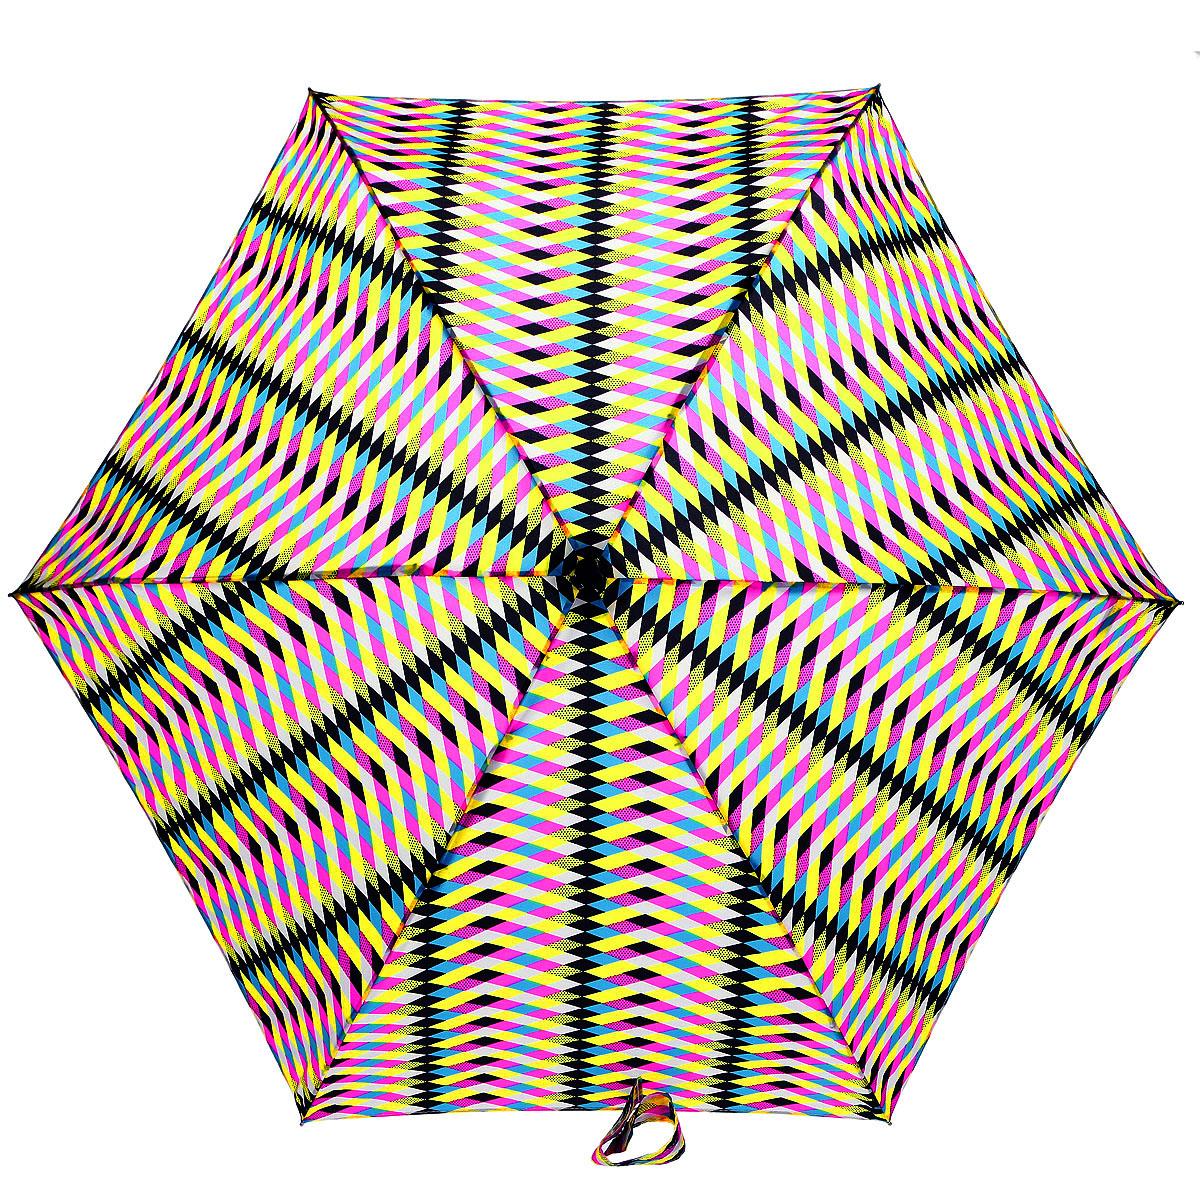 Зонт женский Fulton Lulu Guinness Tiny. Multi Milan, механический, 5 сложений, цвет: розовый, желтый, черный. L717-2957П250071001-22Очаровательный механический зонт Lulu Guinness Tiny. Multi Milan в 5 сложений изготовлен из высокопрочных материалов. Каркас зонта состоит из 6 спиц и прочного алюминиевого стержня. Купол зонта выполнен из прочного полиэстера с водоотталкивающей пропиткой и оформлен оригинальным принтом. Рукоятка изготовлена из пластика.Зонт имеет механический механизм сложения: купол открывается и закрывается вручную до характерного щелчка.Небольшой шнурок, расположенный на рукоятке, позволяет надеть изделие на руку при необходимости. Модель закрывается при помощи хлястика на кнопку. К зонту прилагается чехол.Прелестный зонт не только выручит вас в ненастную погоду, но и станет стильным аксессуаром, прекрасно дополнит ваш модный образ. Необыкновенно компактный зонт с легкостью поместится в маленькую сумочку.